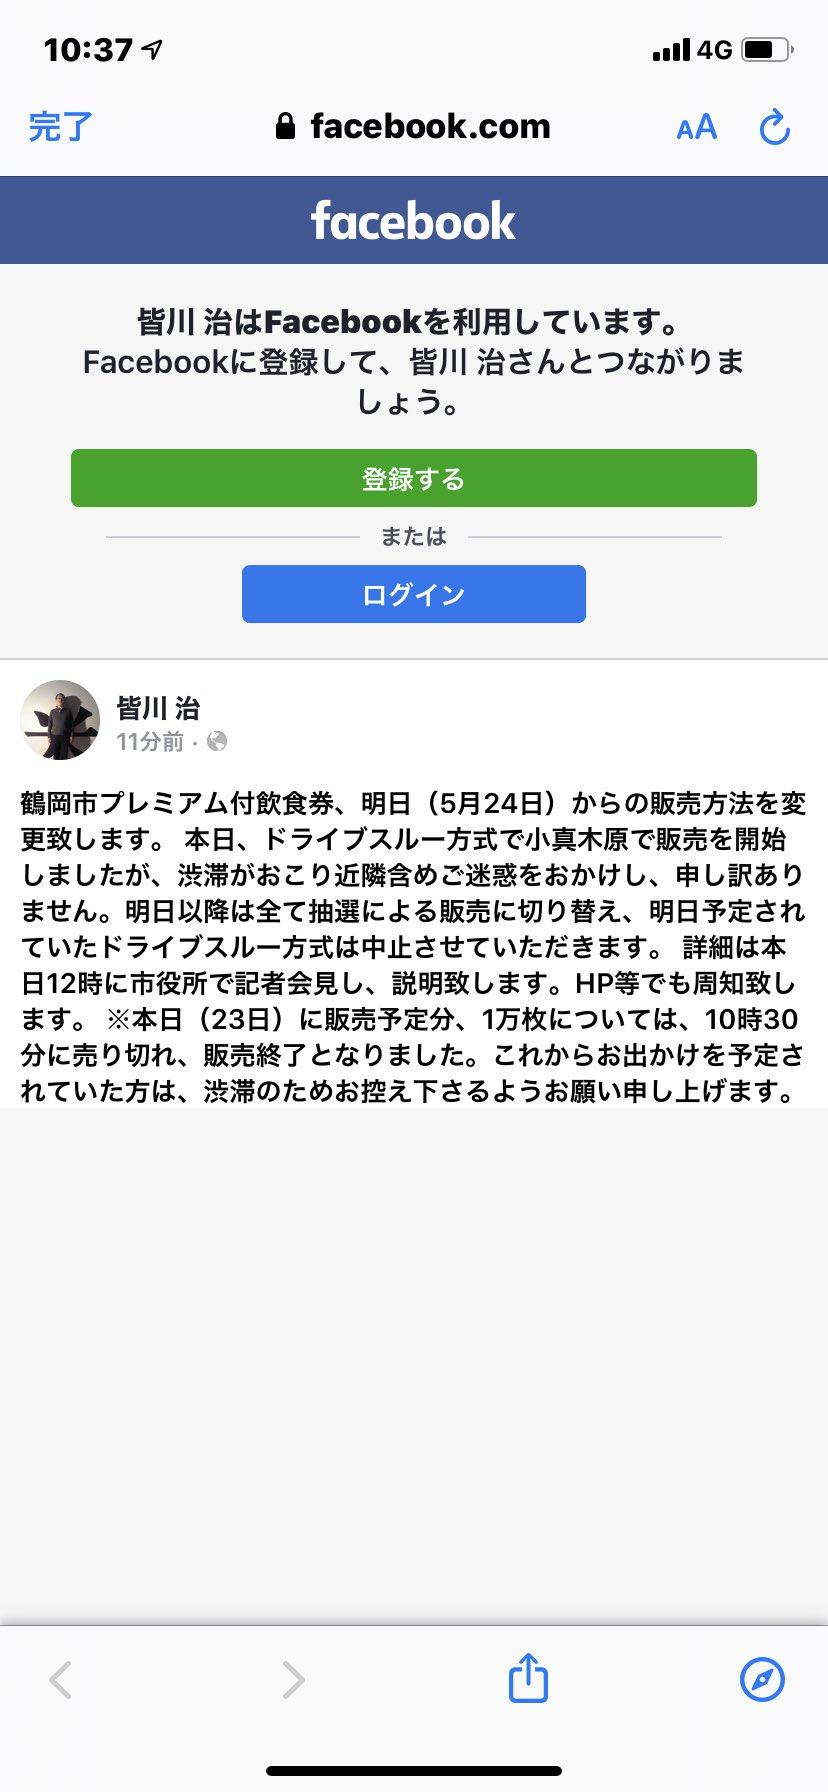 飲食 鶴岡 券 プレミアム 付 市